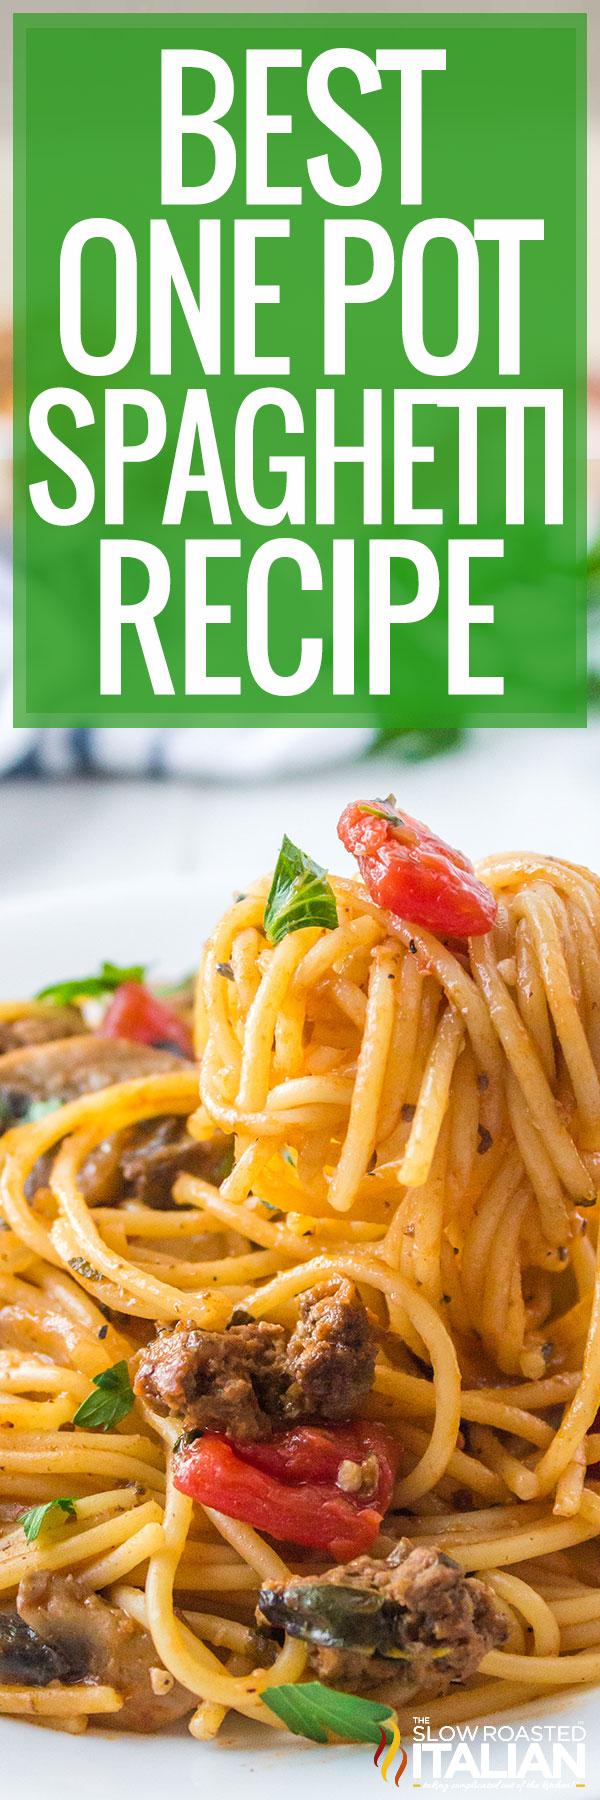 A plate full of Best One Pot Spaghetti Recipe